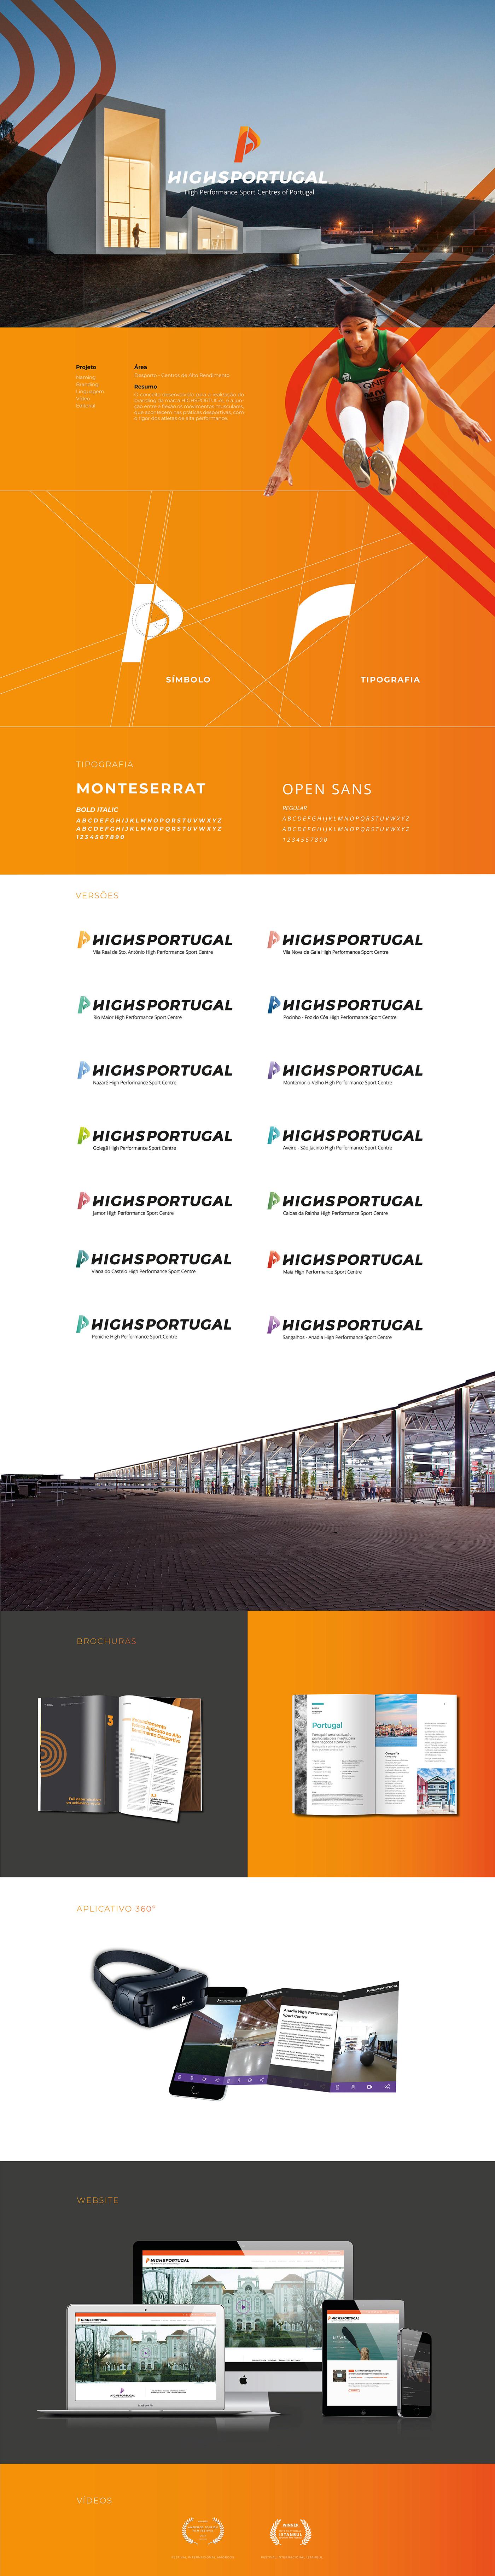 Logotipo highsportugal com centro de alto rendimento